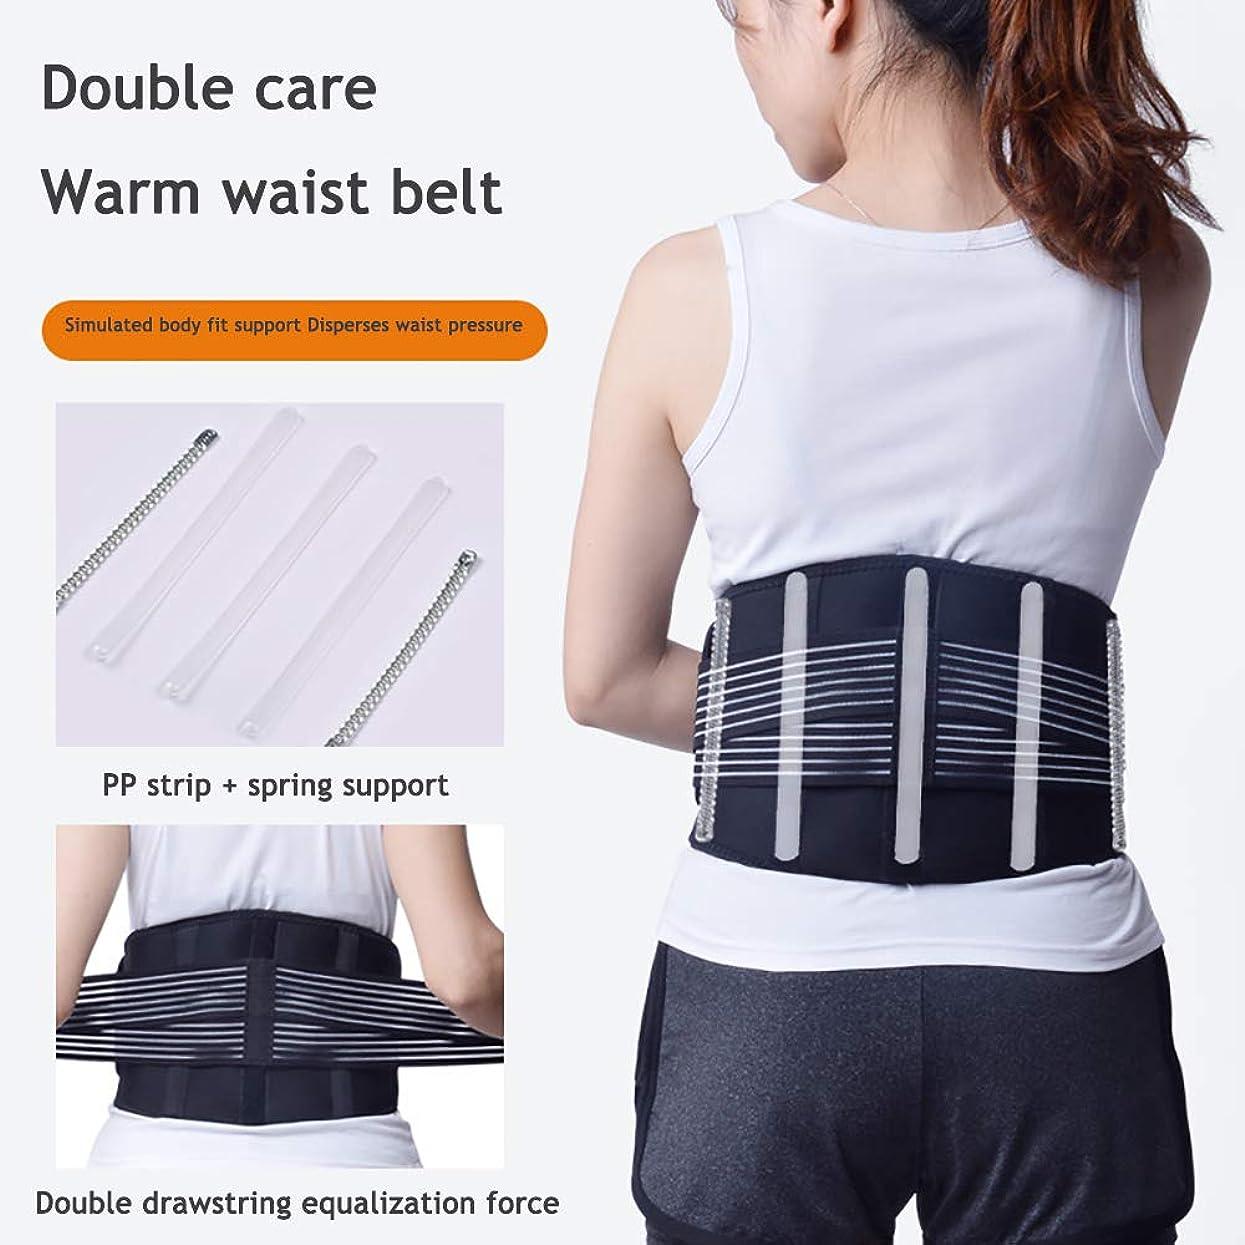 脚本間接的申し立てウエストマッサージャー、加熱ベルト調節可能な腰部マッサージベルト自己加熱式磁気療法ベルト-腰痛とストレスを軽減